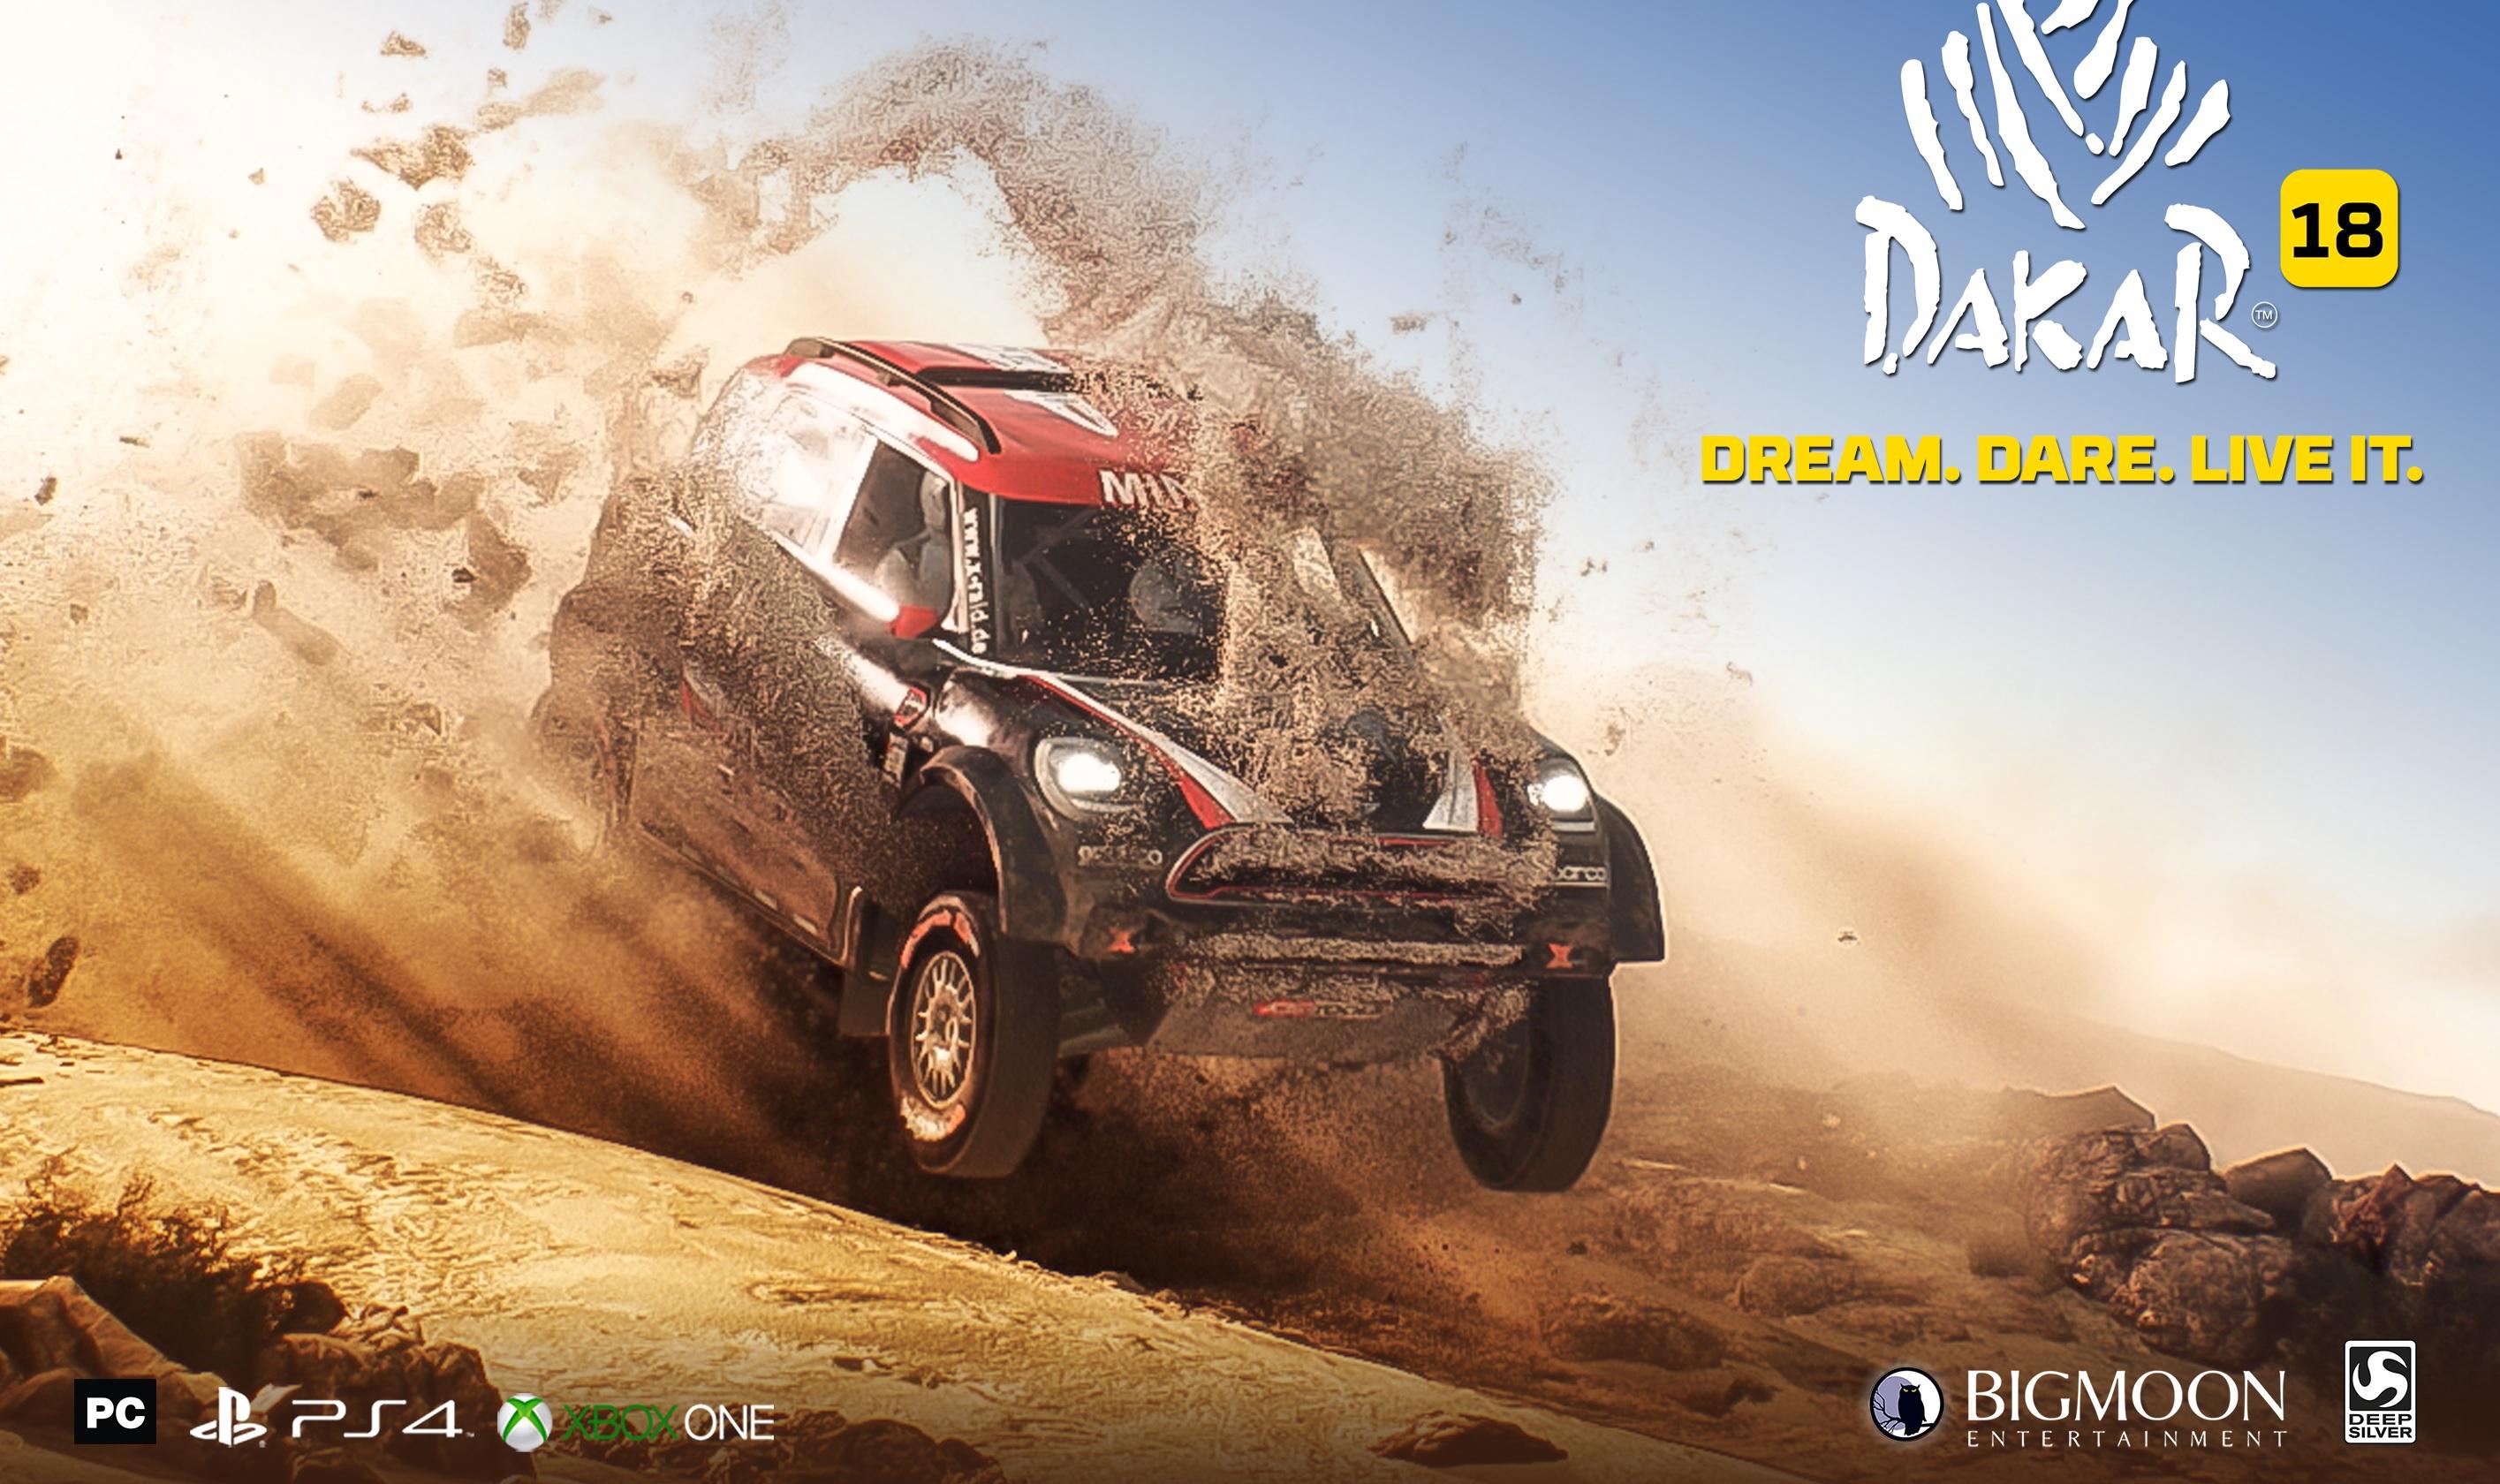 Test DAKAR 18 PS4